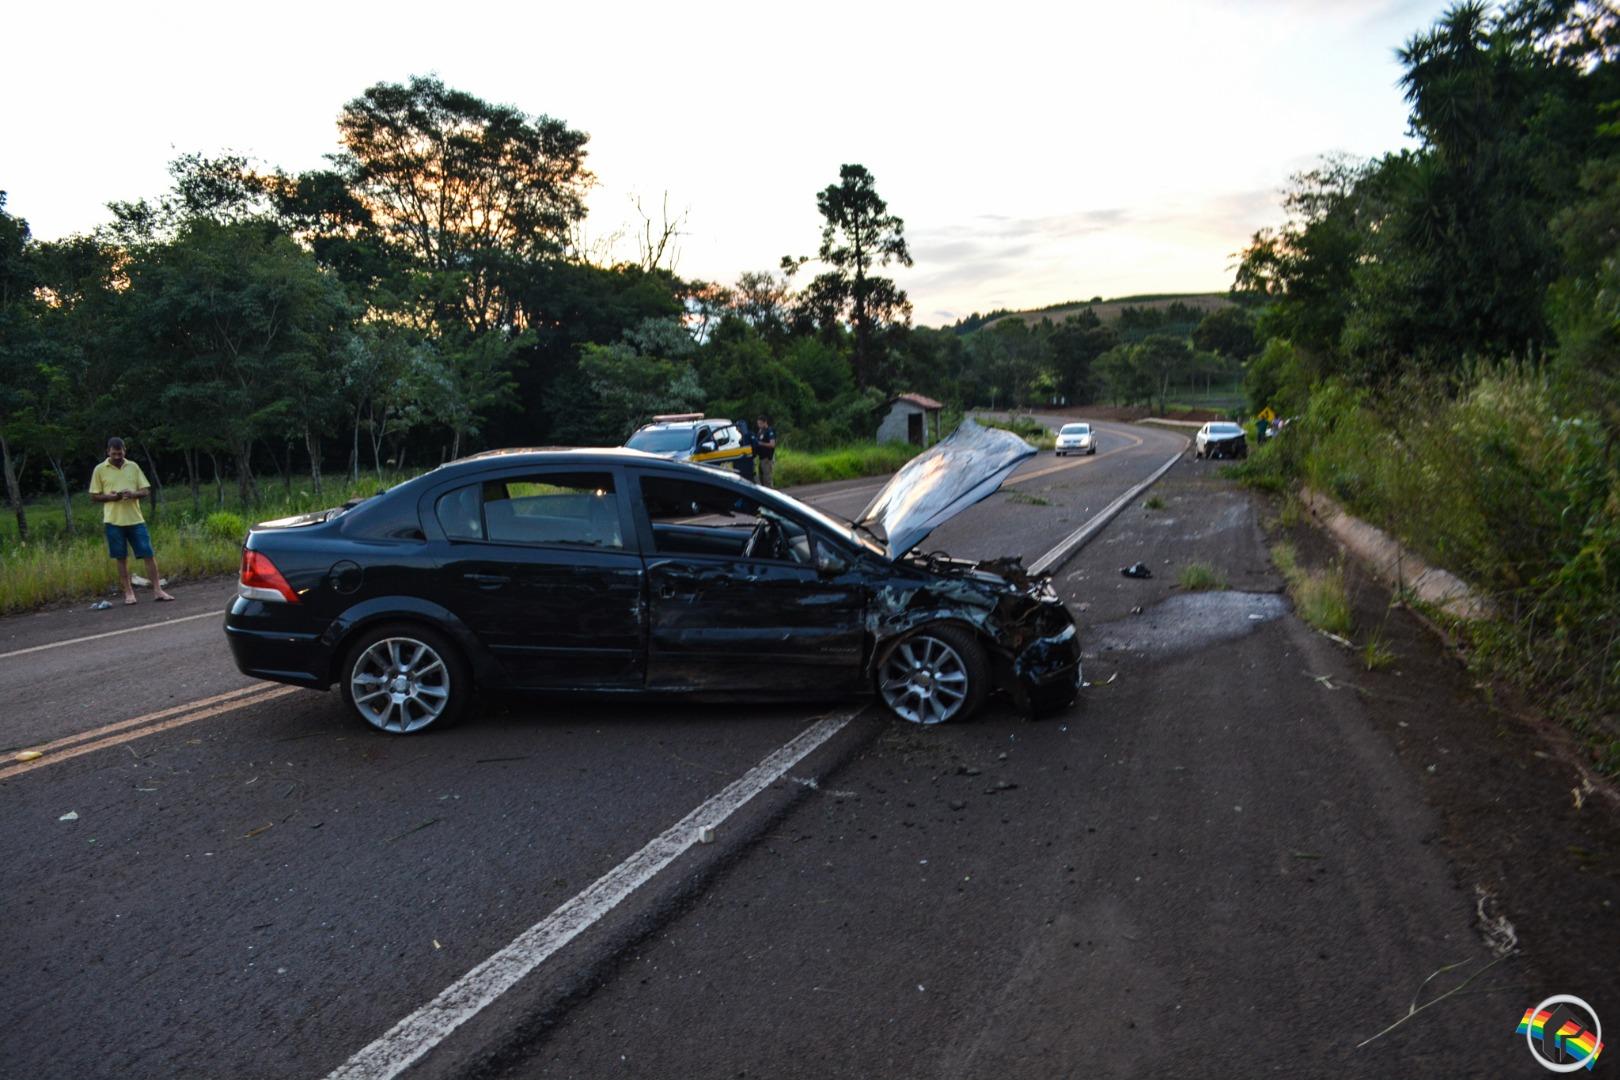 VÍDEO: Acidente deixa quatro pessoas feridas no interior do município